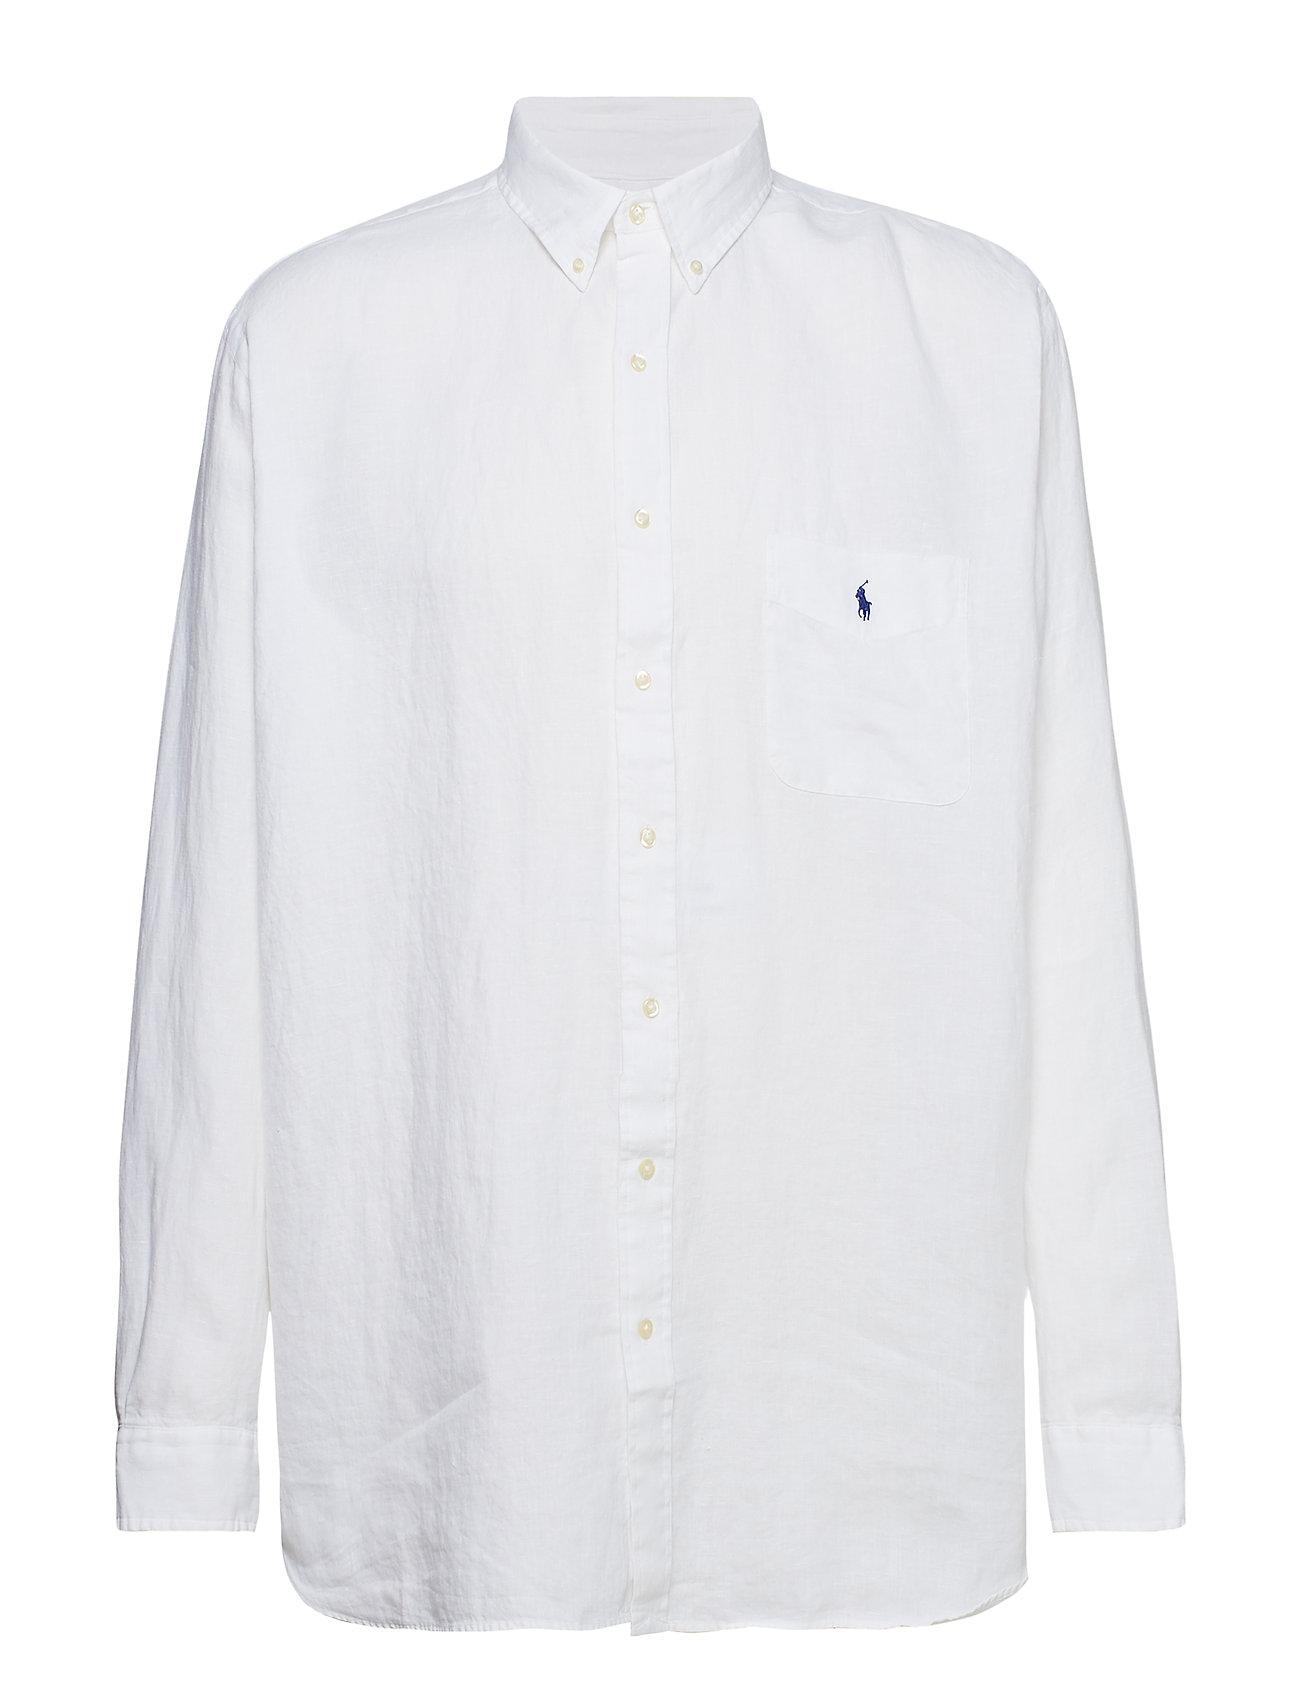 Polo Ralph Lauren Big & Tall Classic Fit Linen Shirt